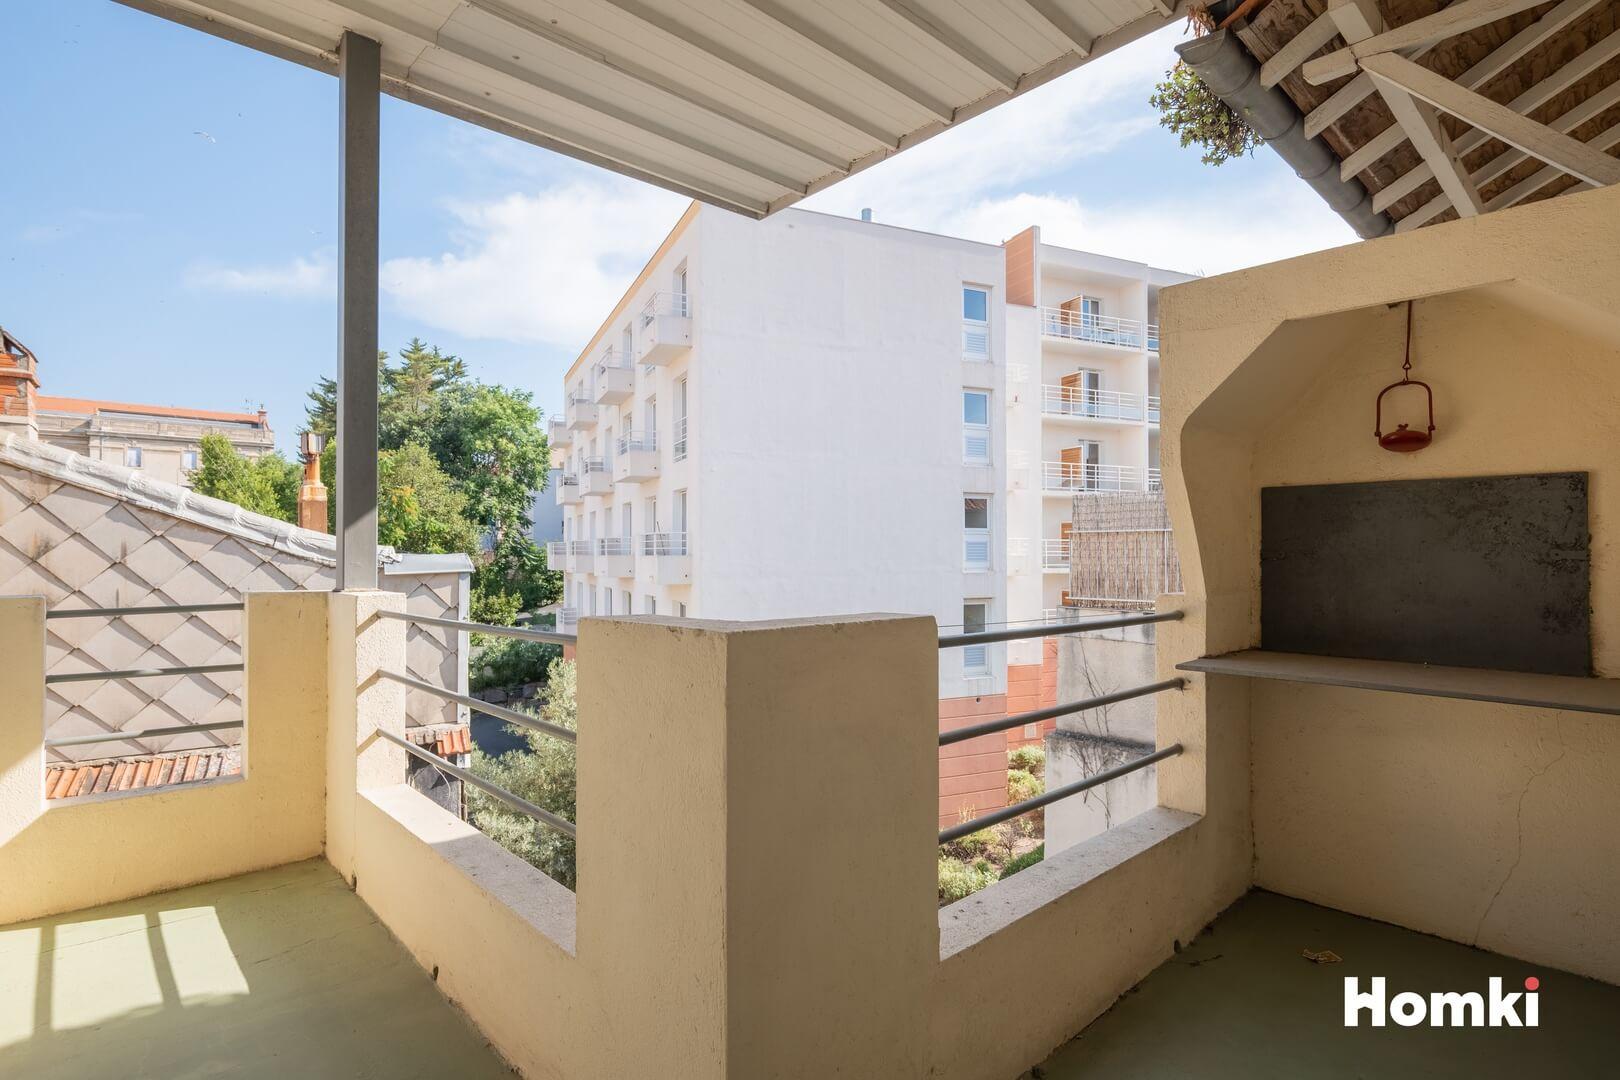 Homki - Vente Appartement  de 152.0 m² à Béziers 34500